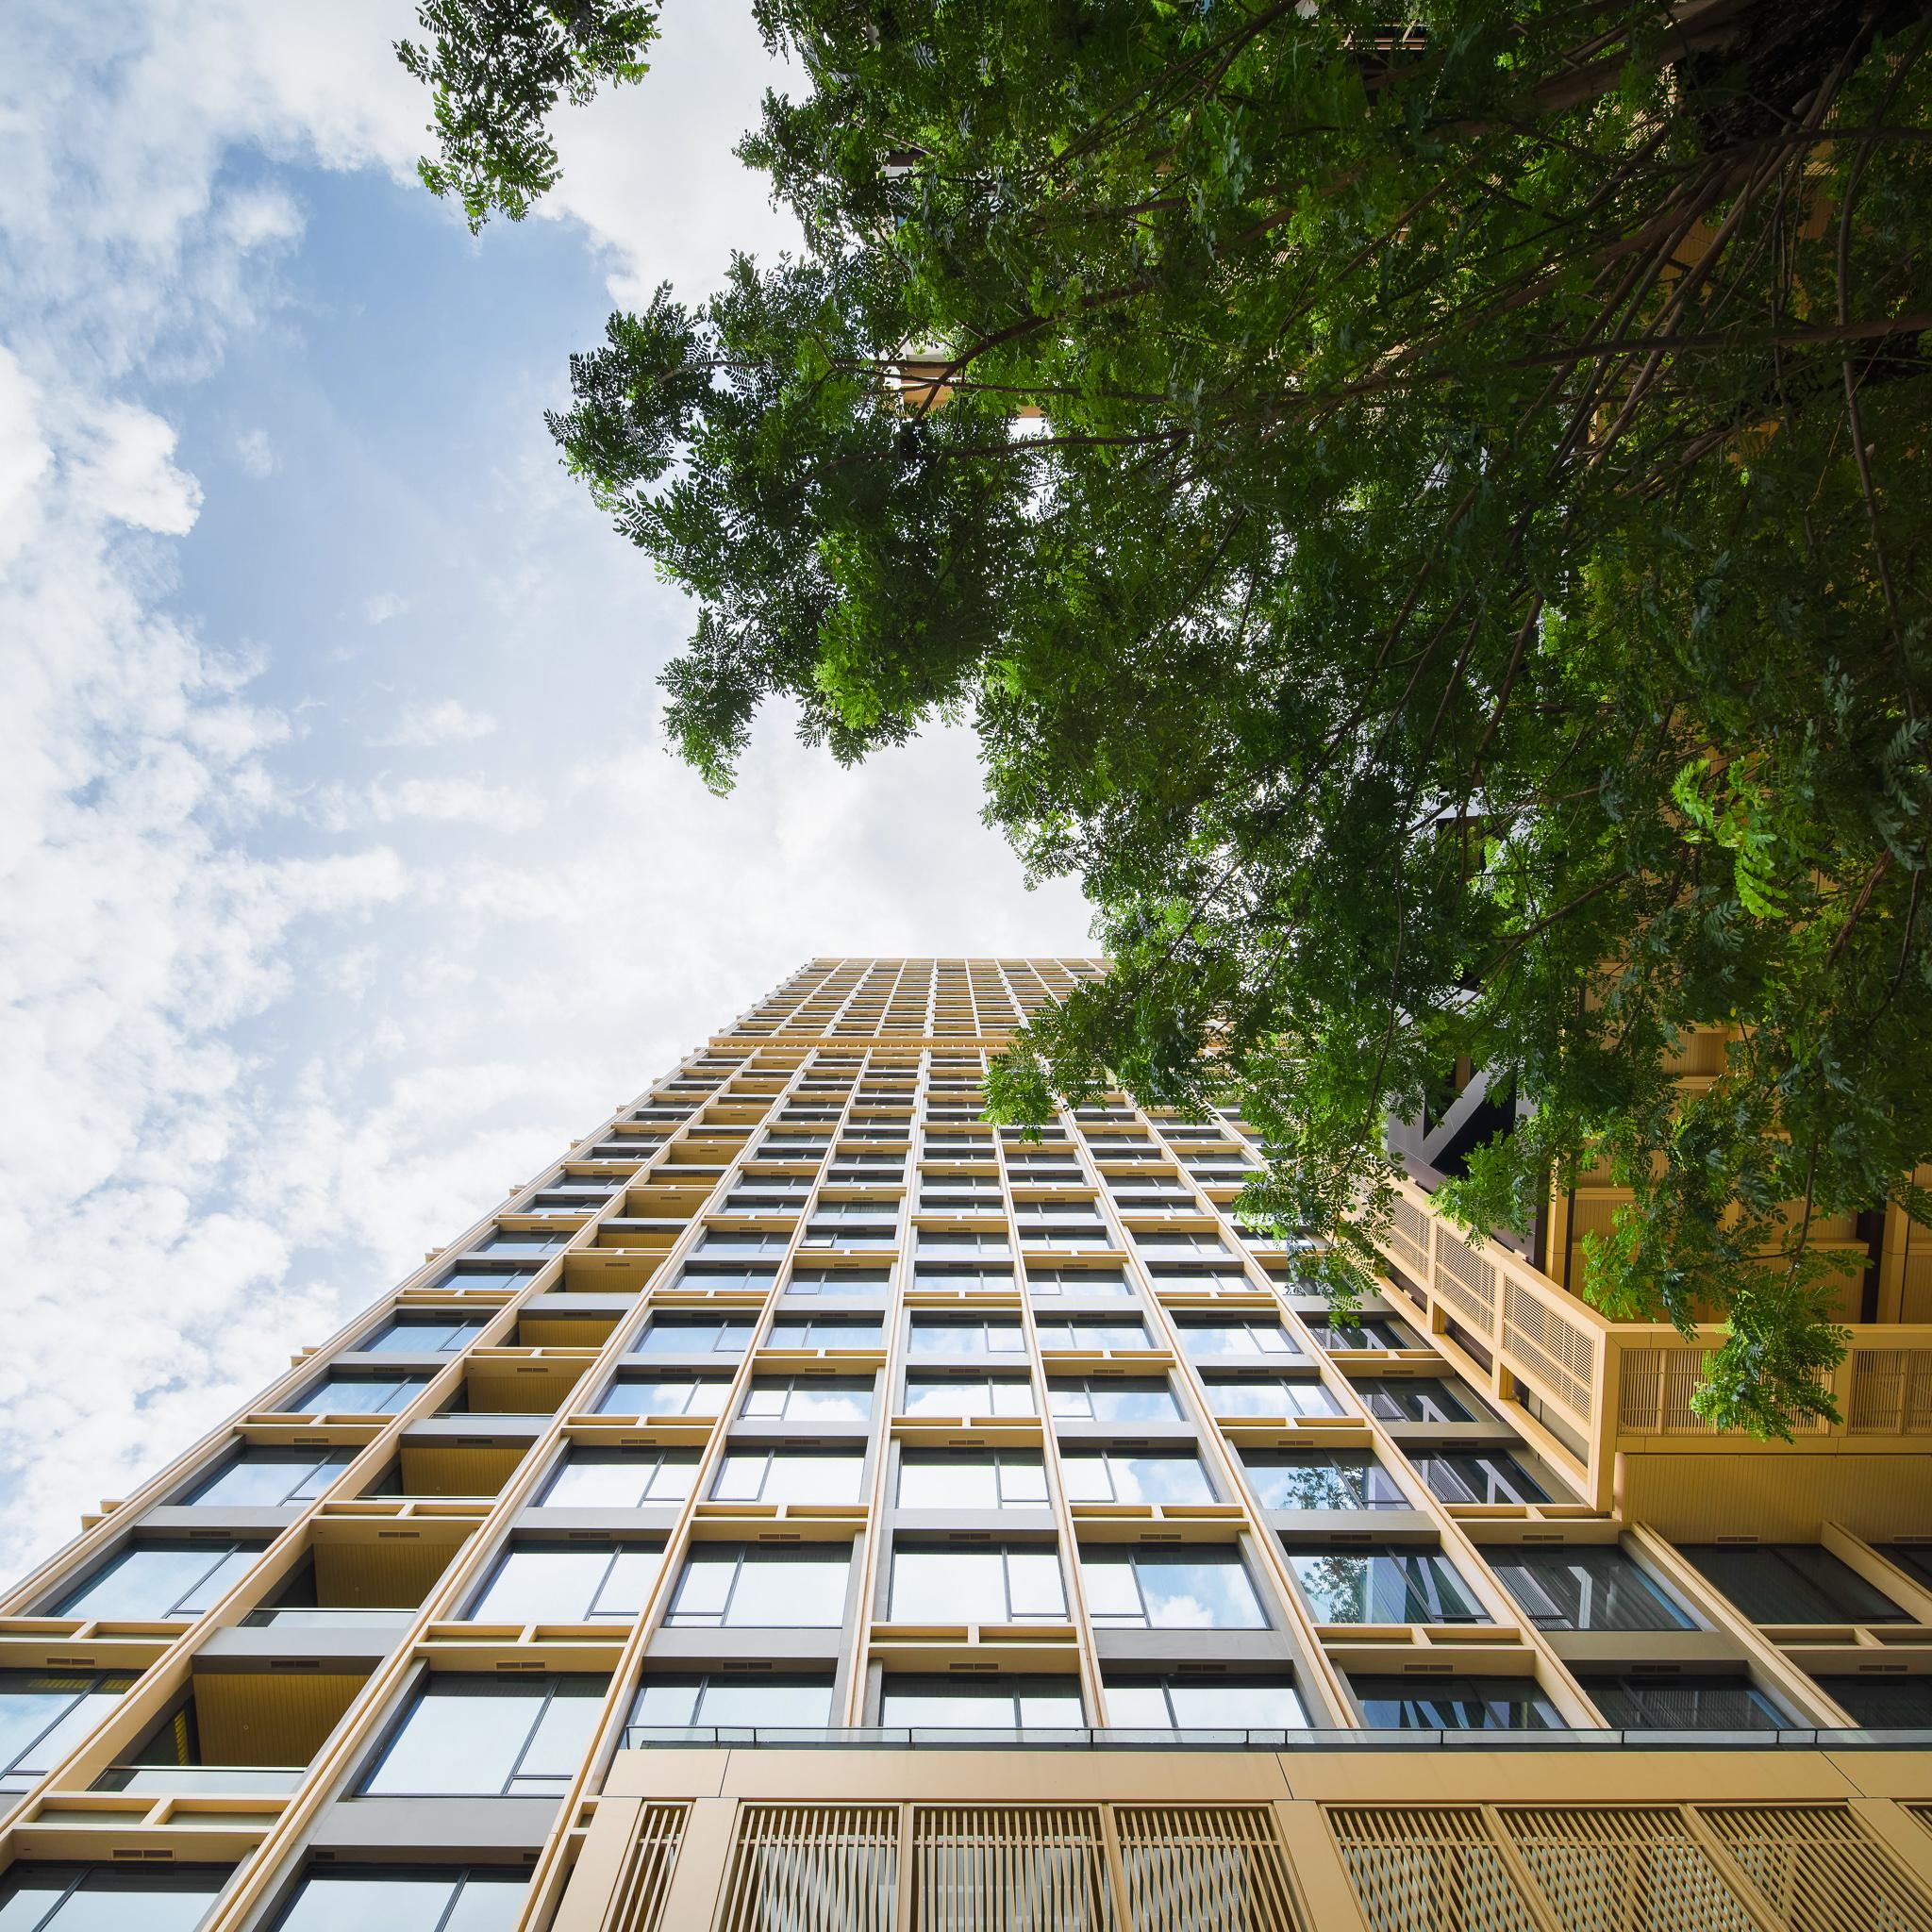 สินธร เรสซิเดนซ์ กับโปรโมชั่นพิเศษสำหรับ 10 ห้องสุดท้าย เร่ิมต้น 10.9 ล้านบาท